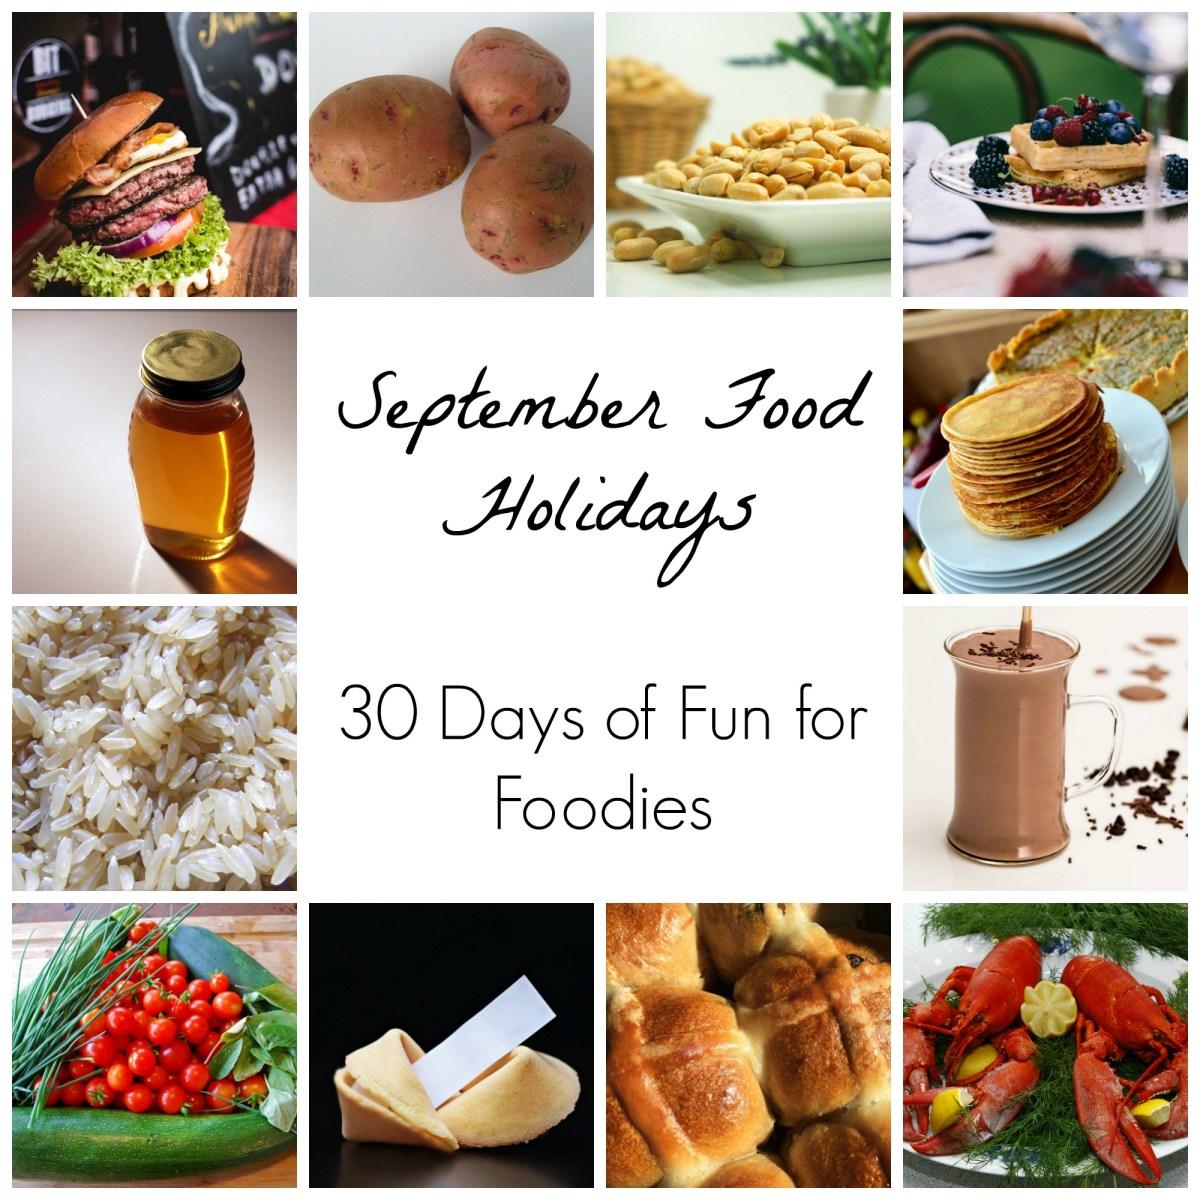 September Food Holiday Observances